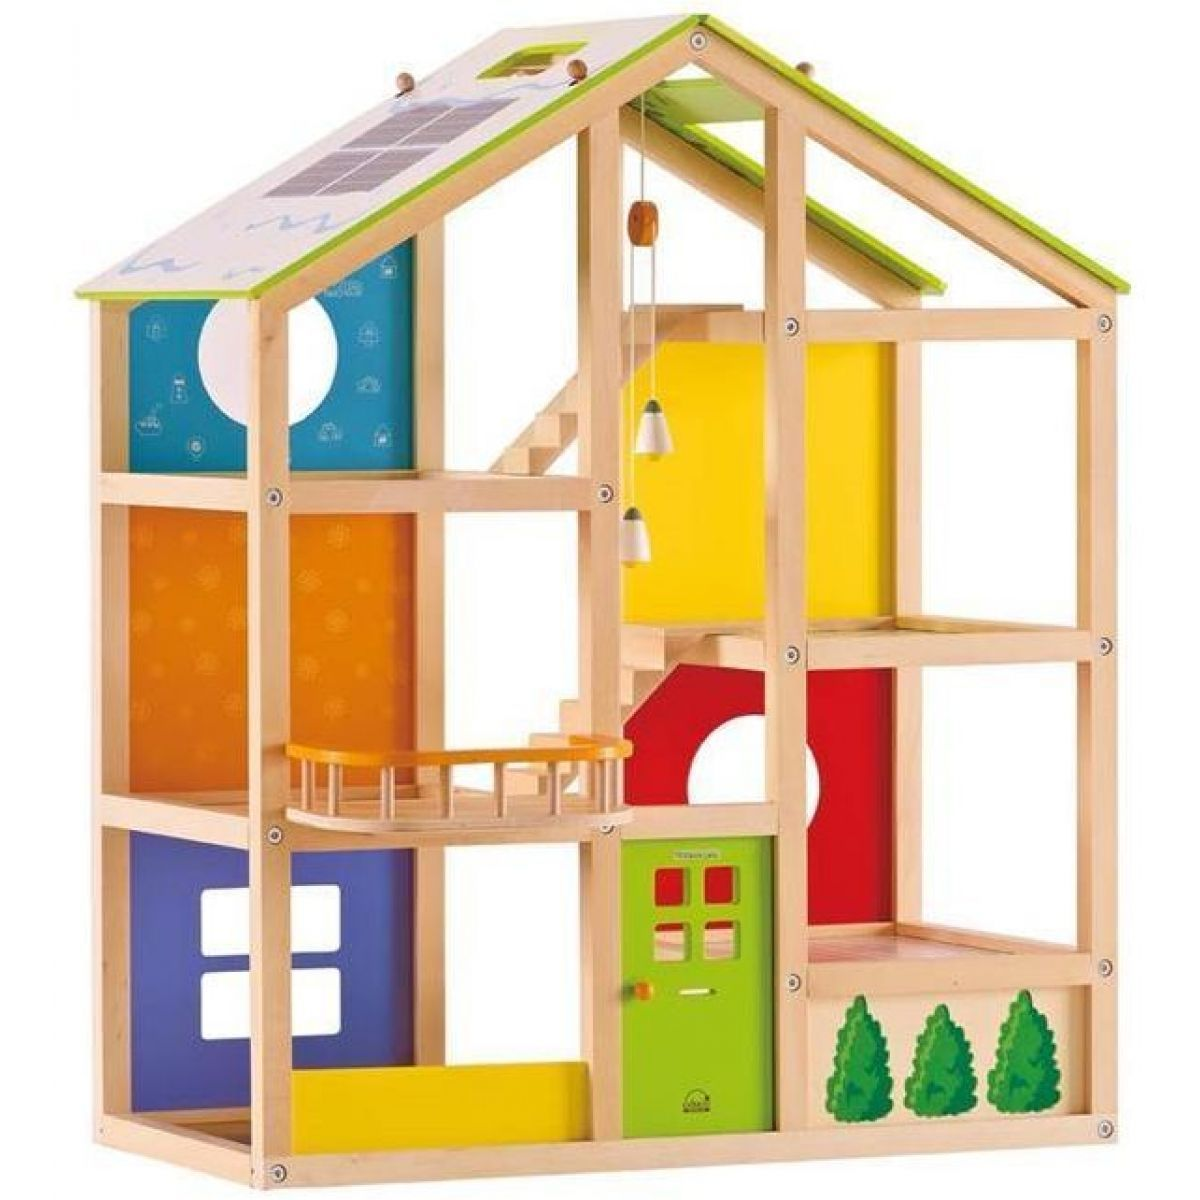 Domeček patrový dřevěný pro panenky Hape